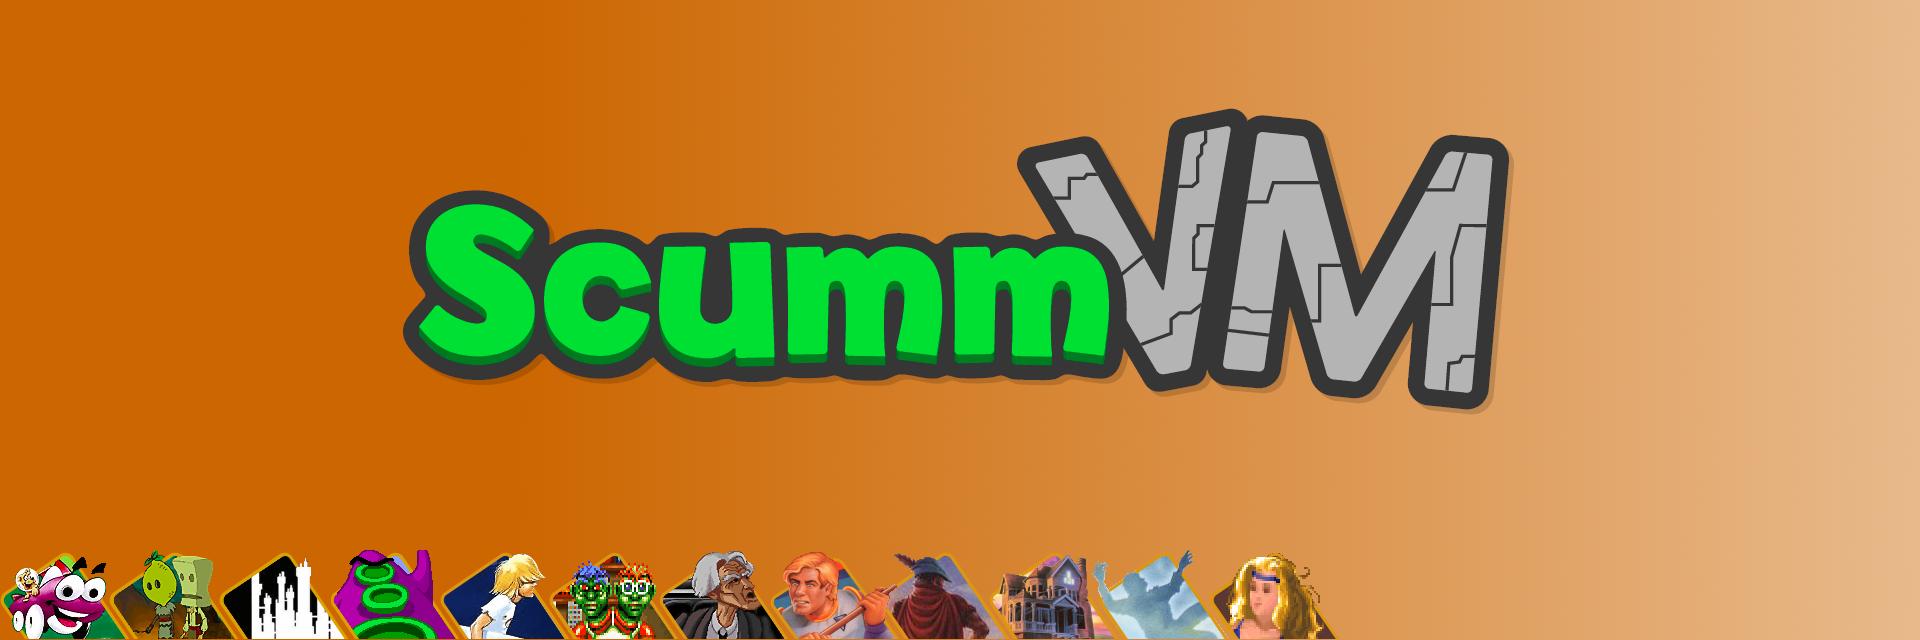 ScummVM banner